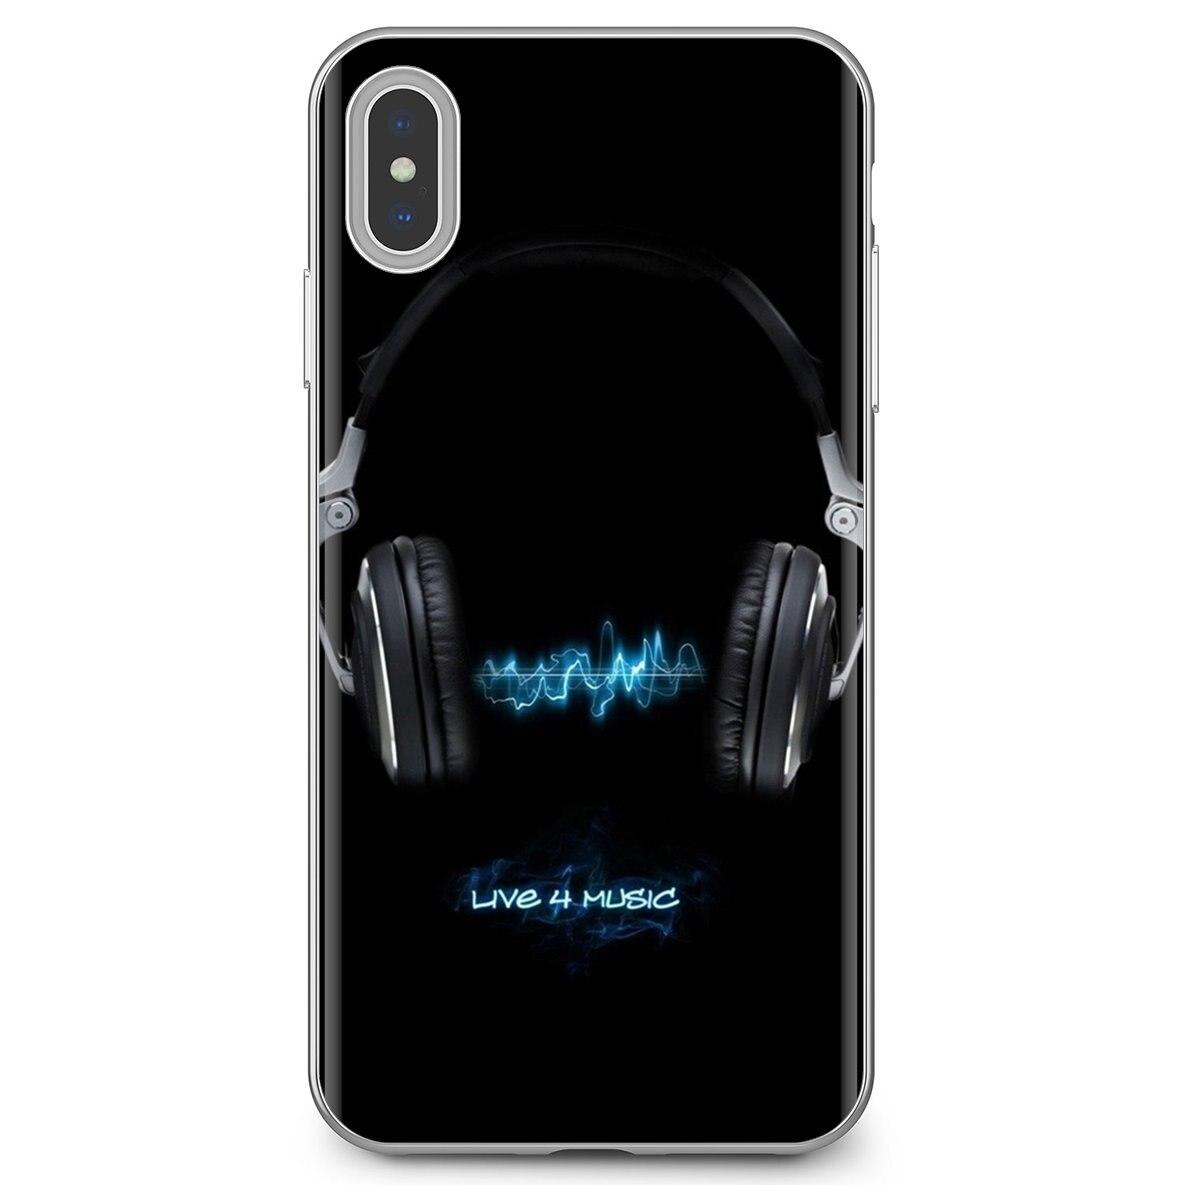 Neon Girl 3d Wallpaper For Samsung Galaxy S6 S10e S10 Edge Lite Plus Core Grand Prime Alpha J1 Mini Designer Silicone Phone Case Phone Case Covers Aliexpress